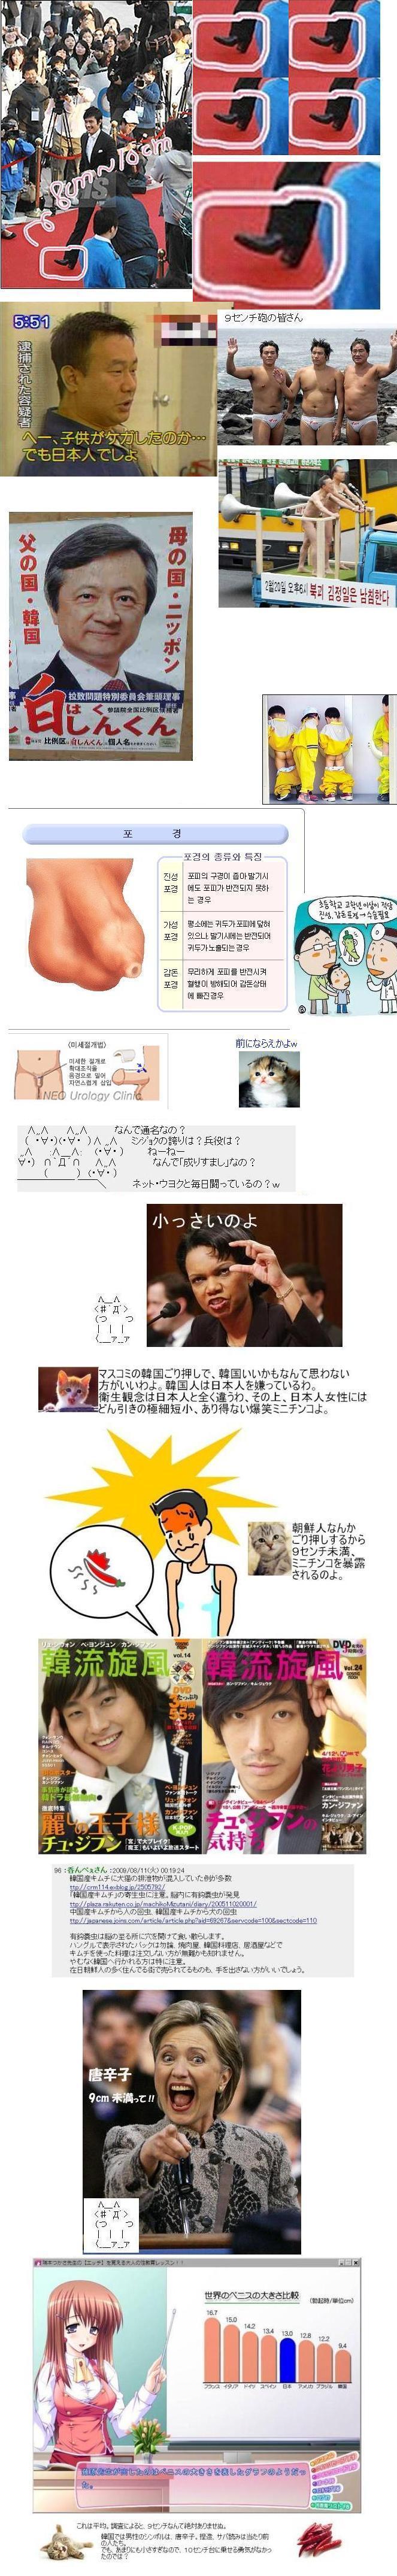 koreanotoko9cmww1.jpg